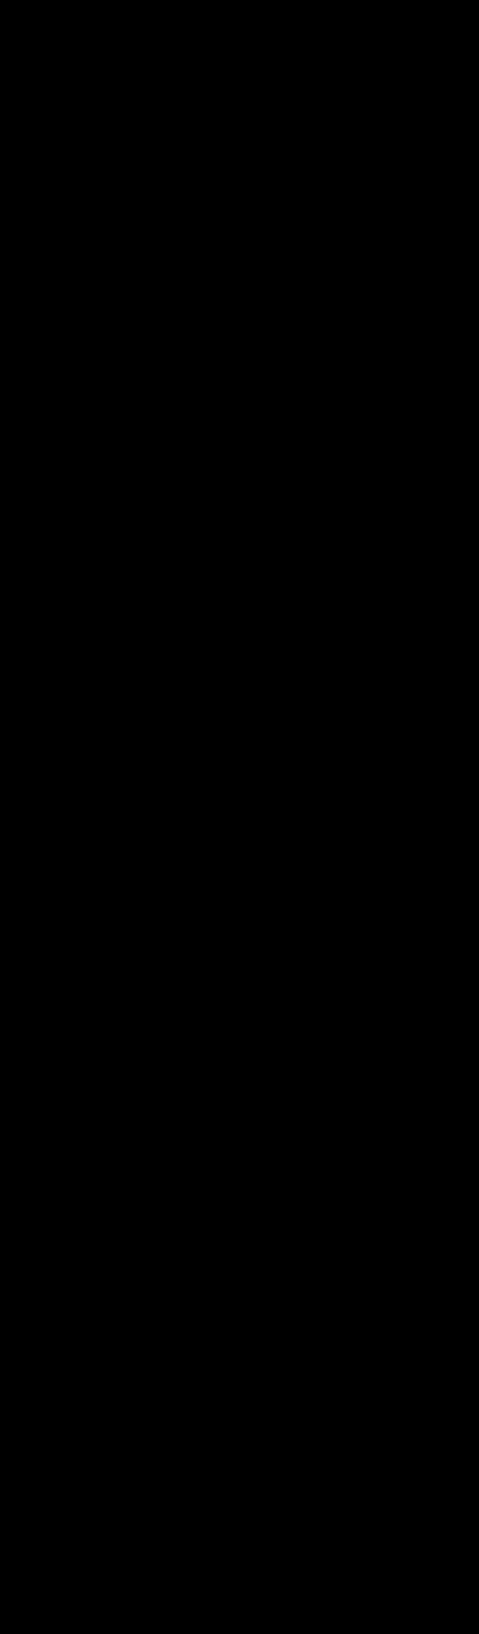 คอร์ดกีตาร์พื้นฐาน คอร์ดกีต้าร์ เพลง มนต์เพลงบ้านนา (Ost. มนต์รักเพลงผีบอก)